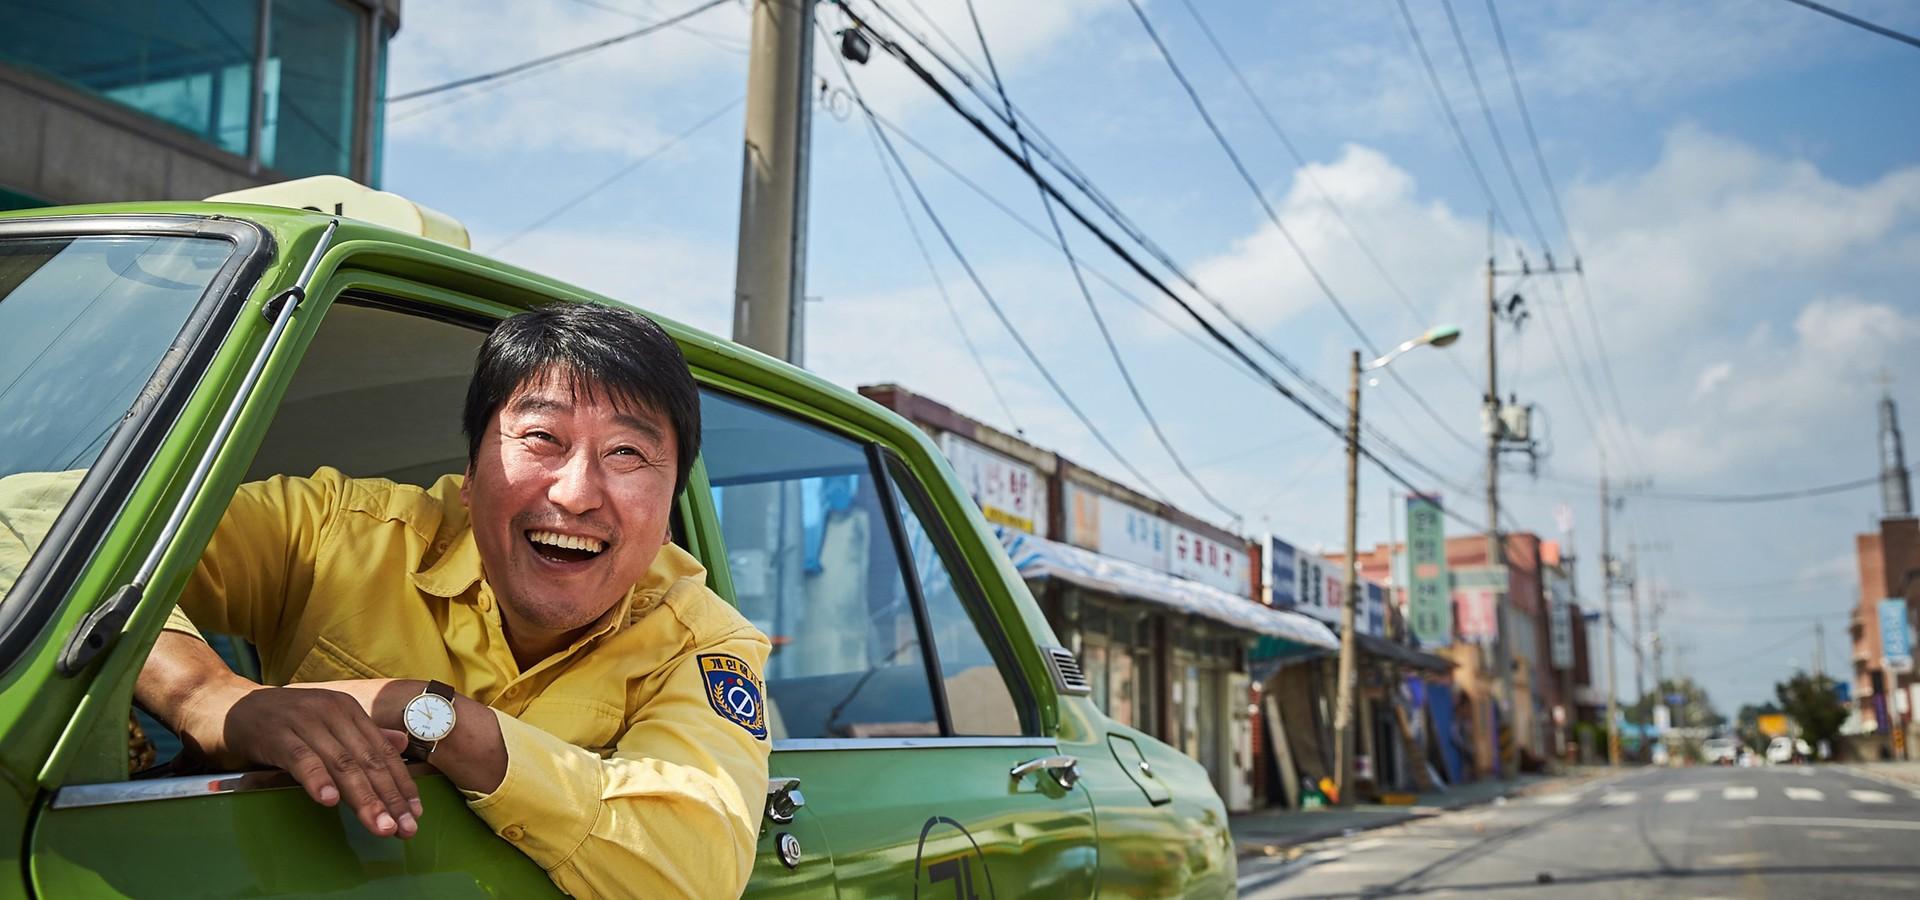 A Taxi Driver